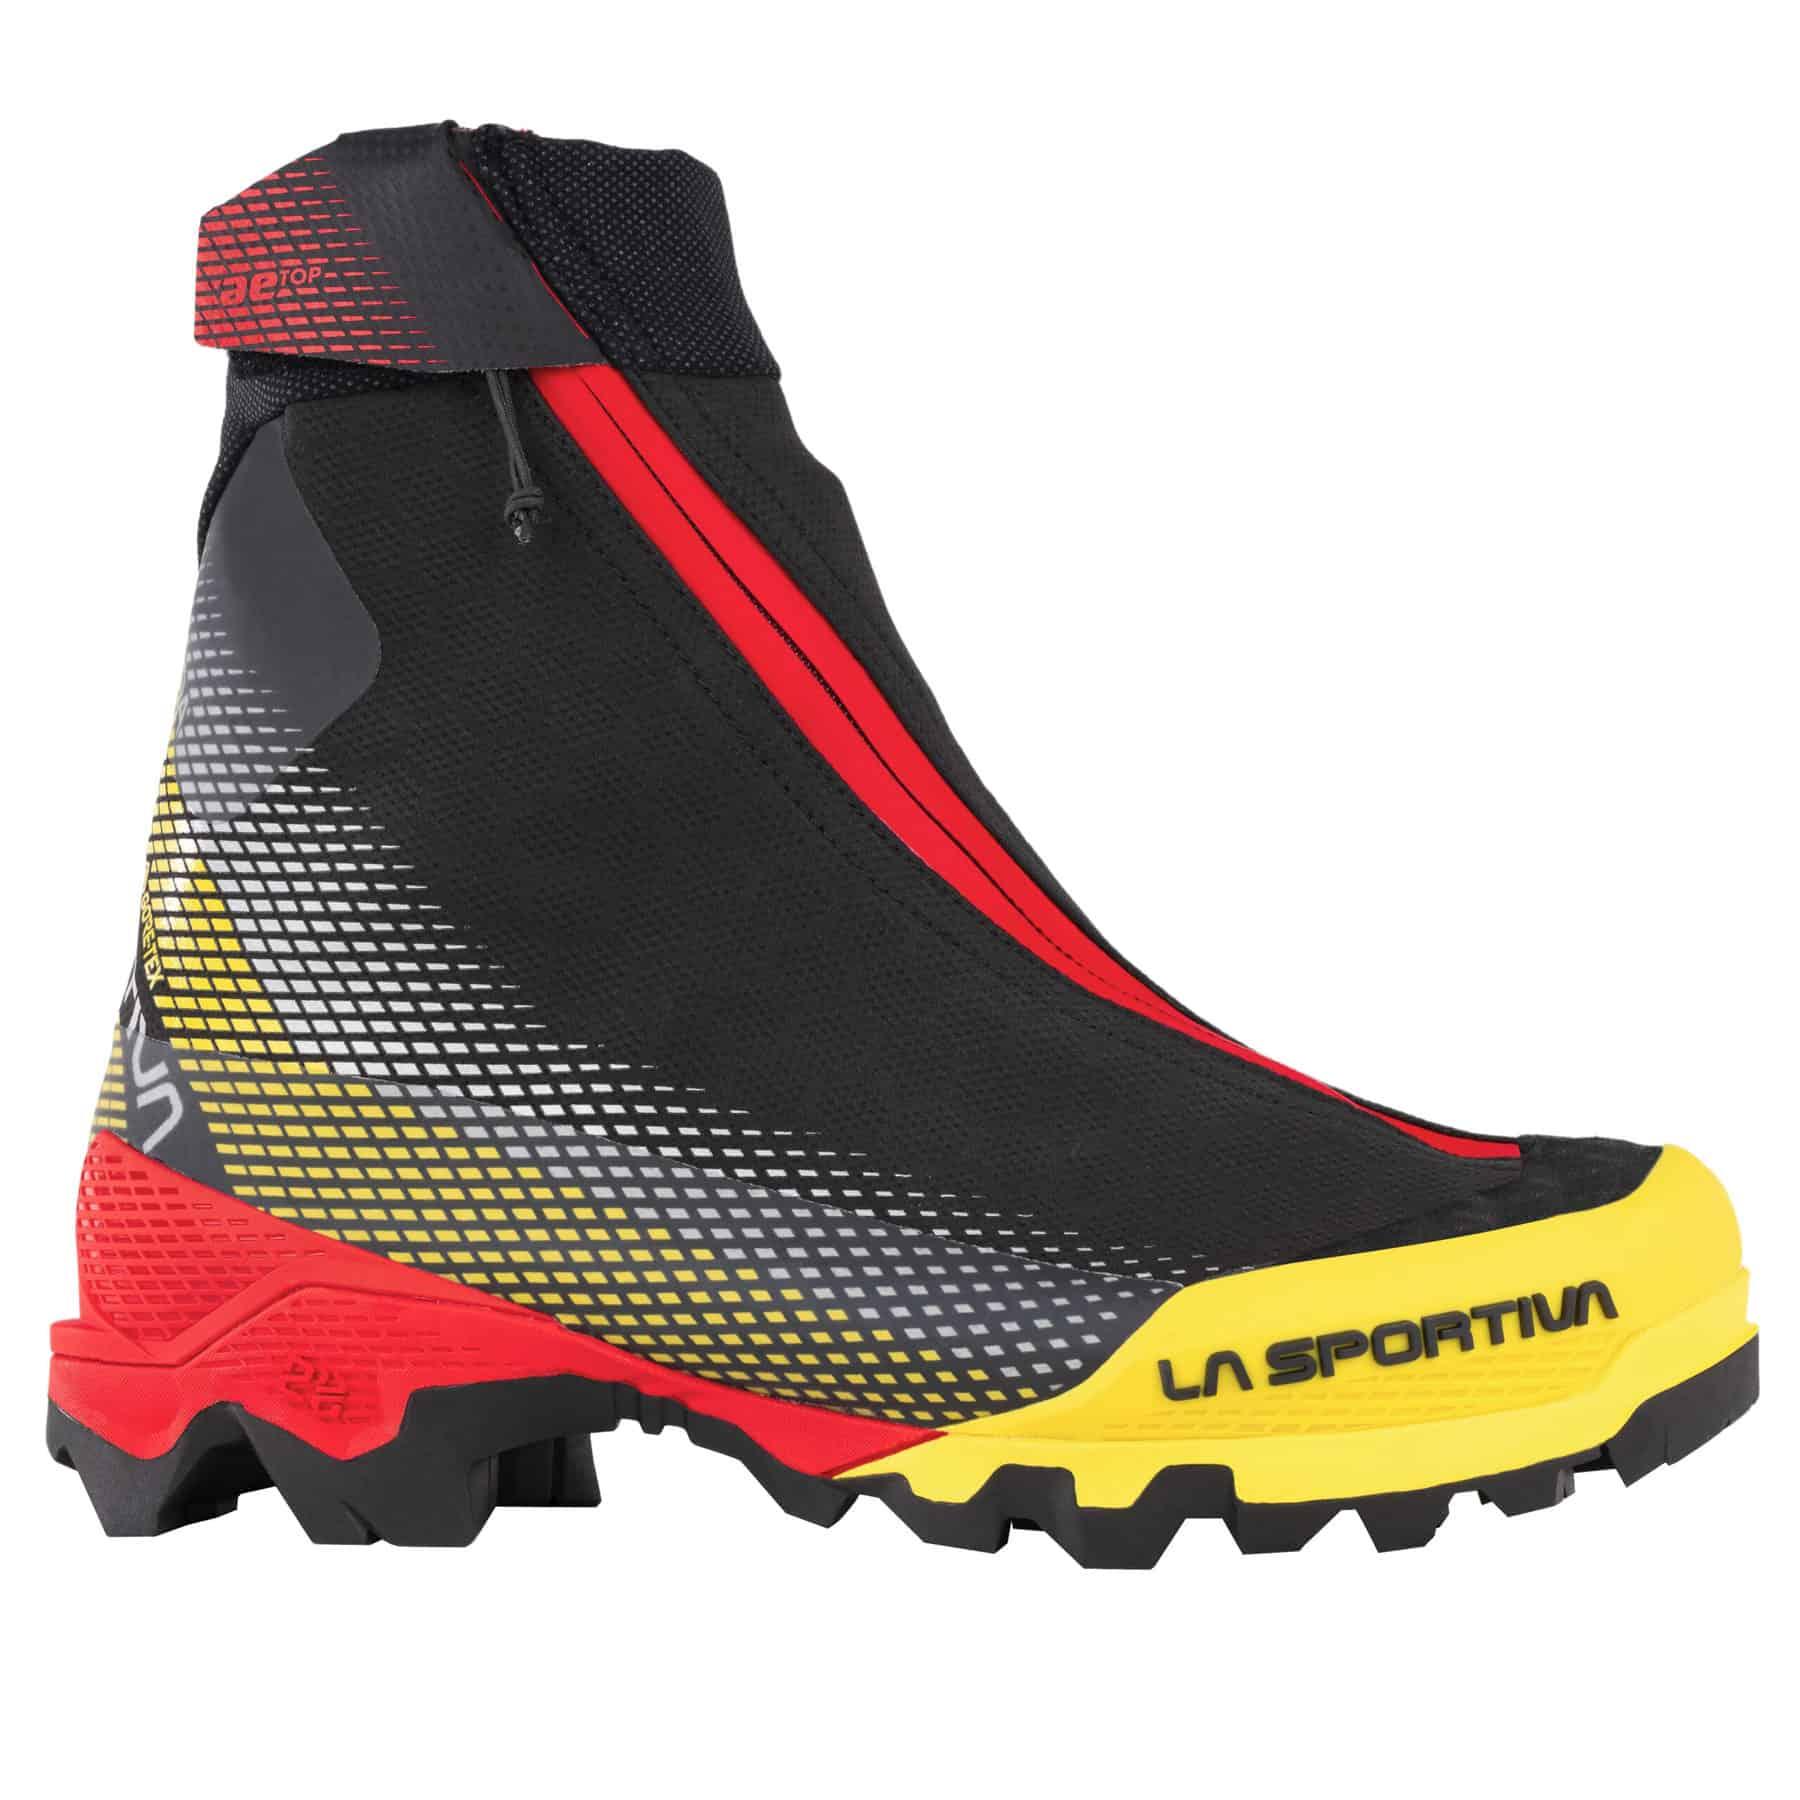 Aequilibrium Series: l'alpinismo light & fast by La Sportiva - Aequilibrium TOP